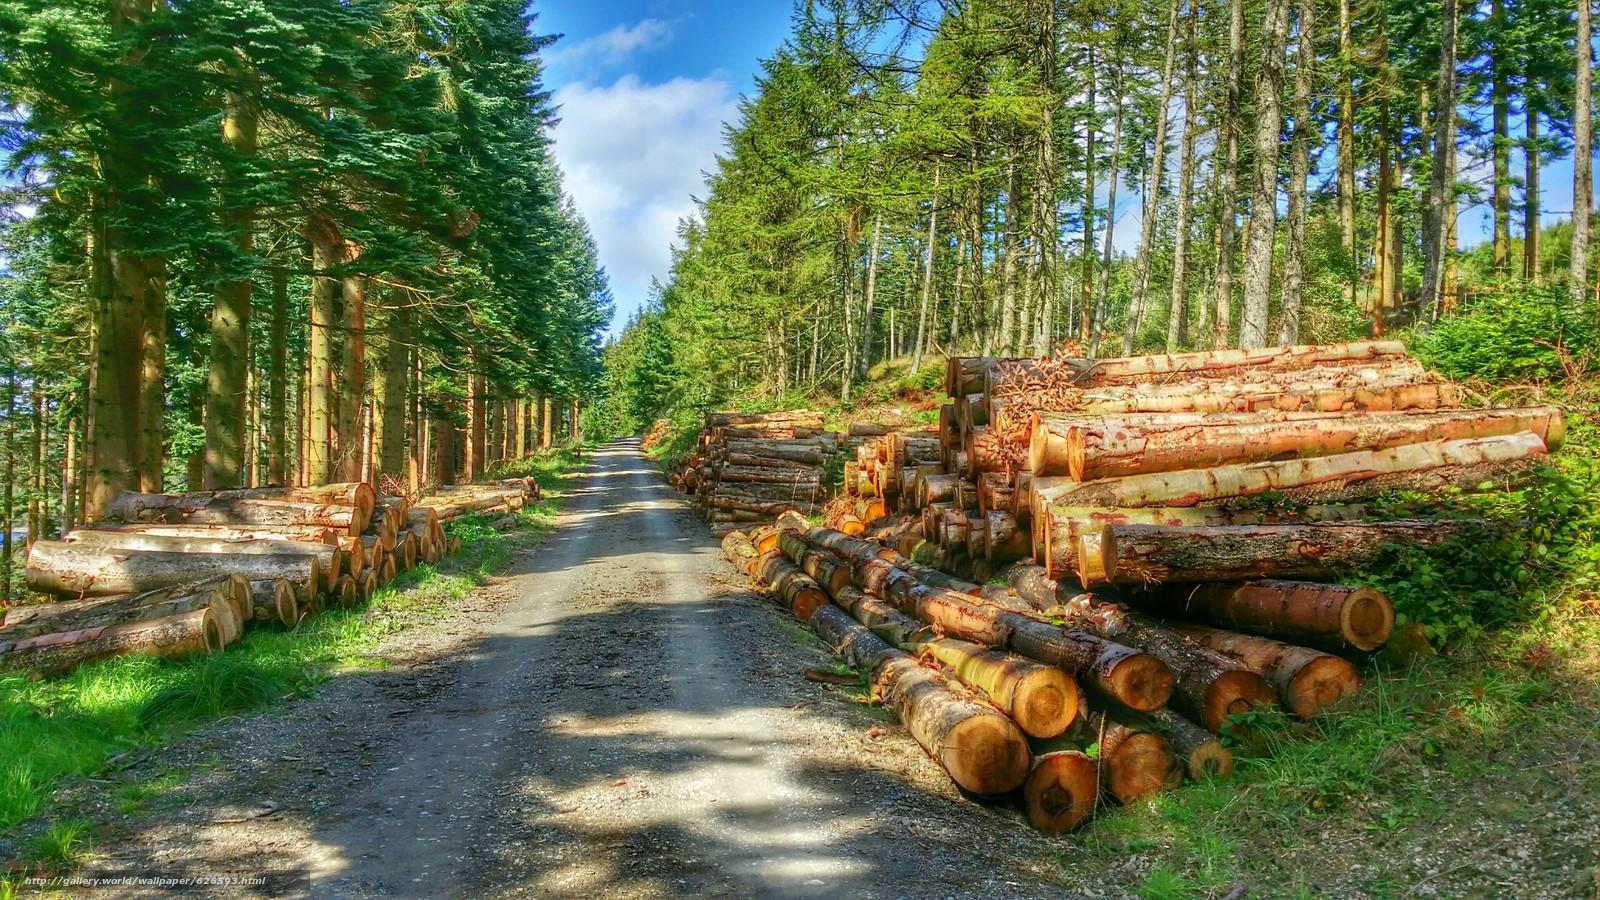 Tlcharger Fond D'ecran Forêt, Route, Arbres, JOURNAUX